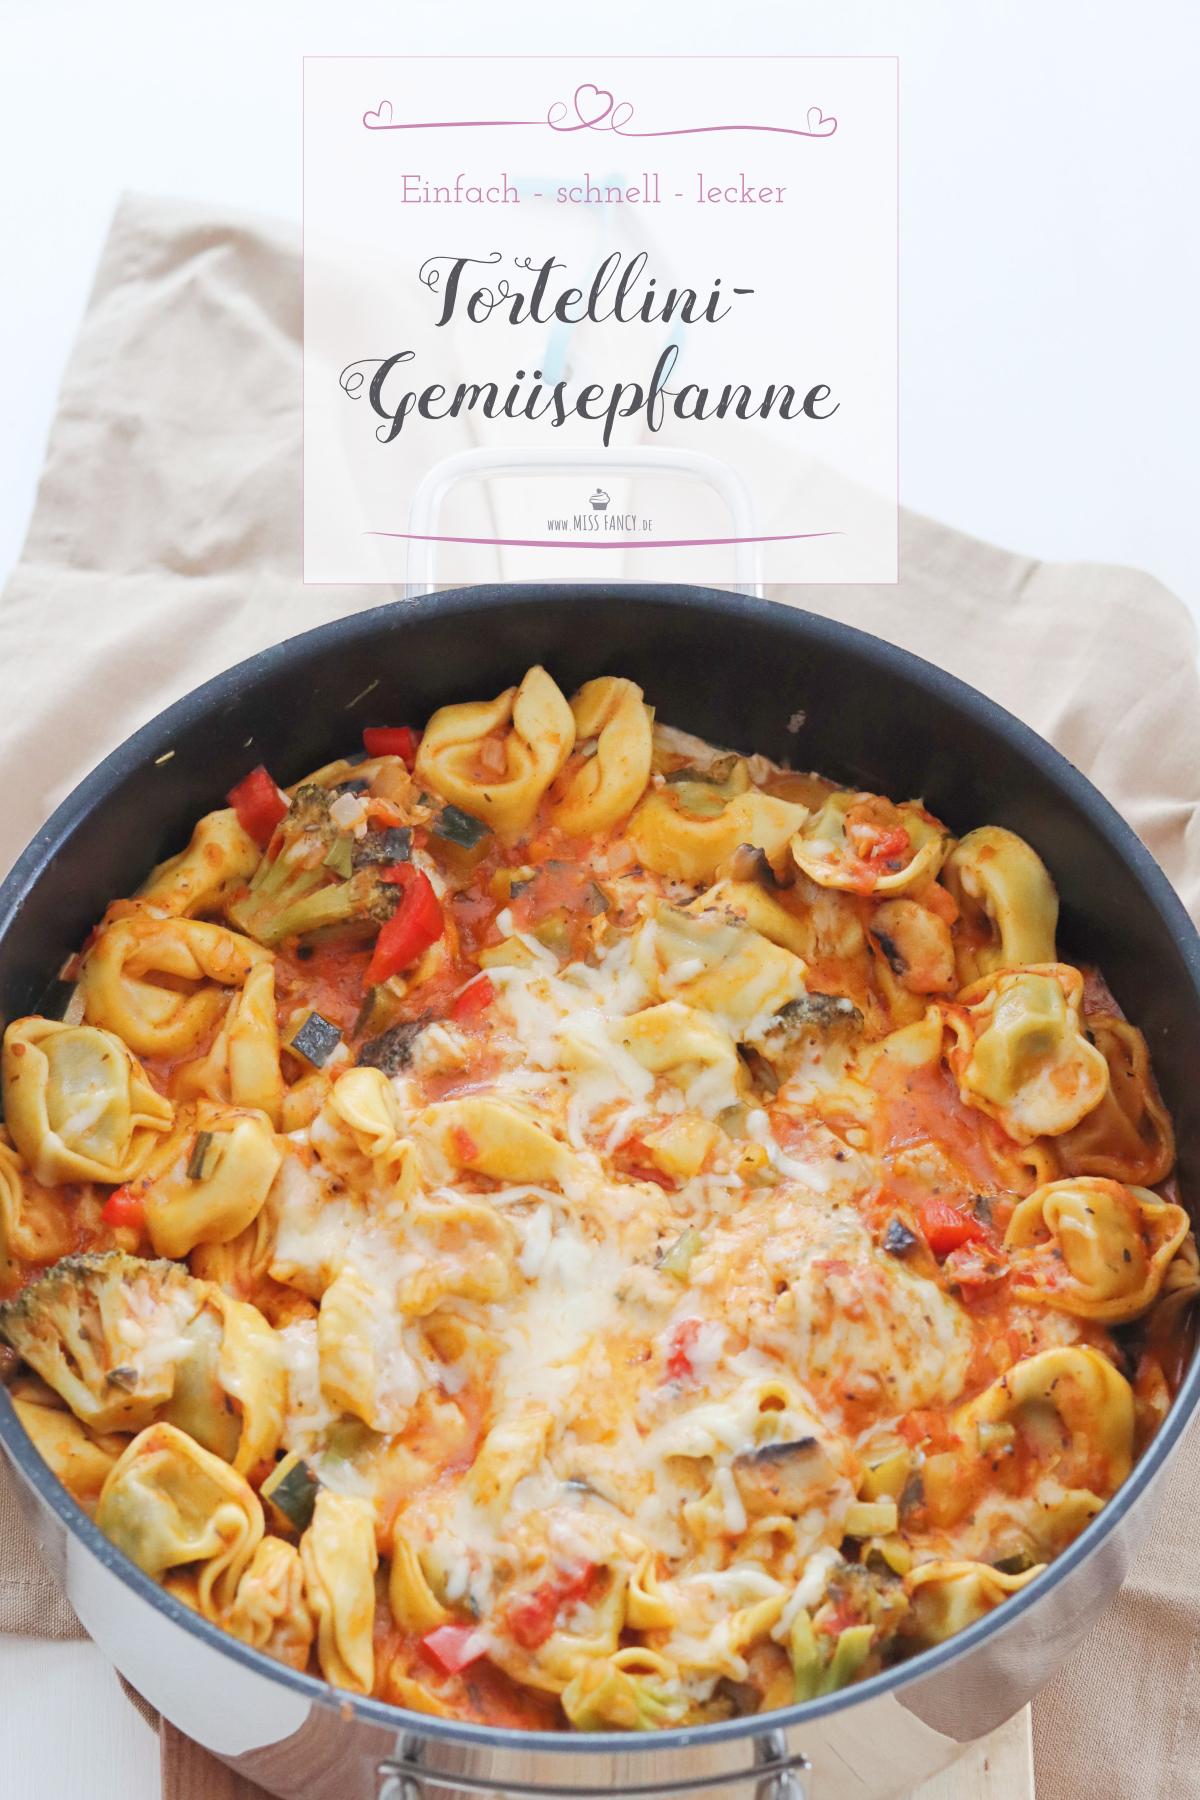 Rezept-Tortellini-Gemüsepfanne-einfach